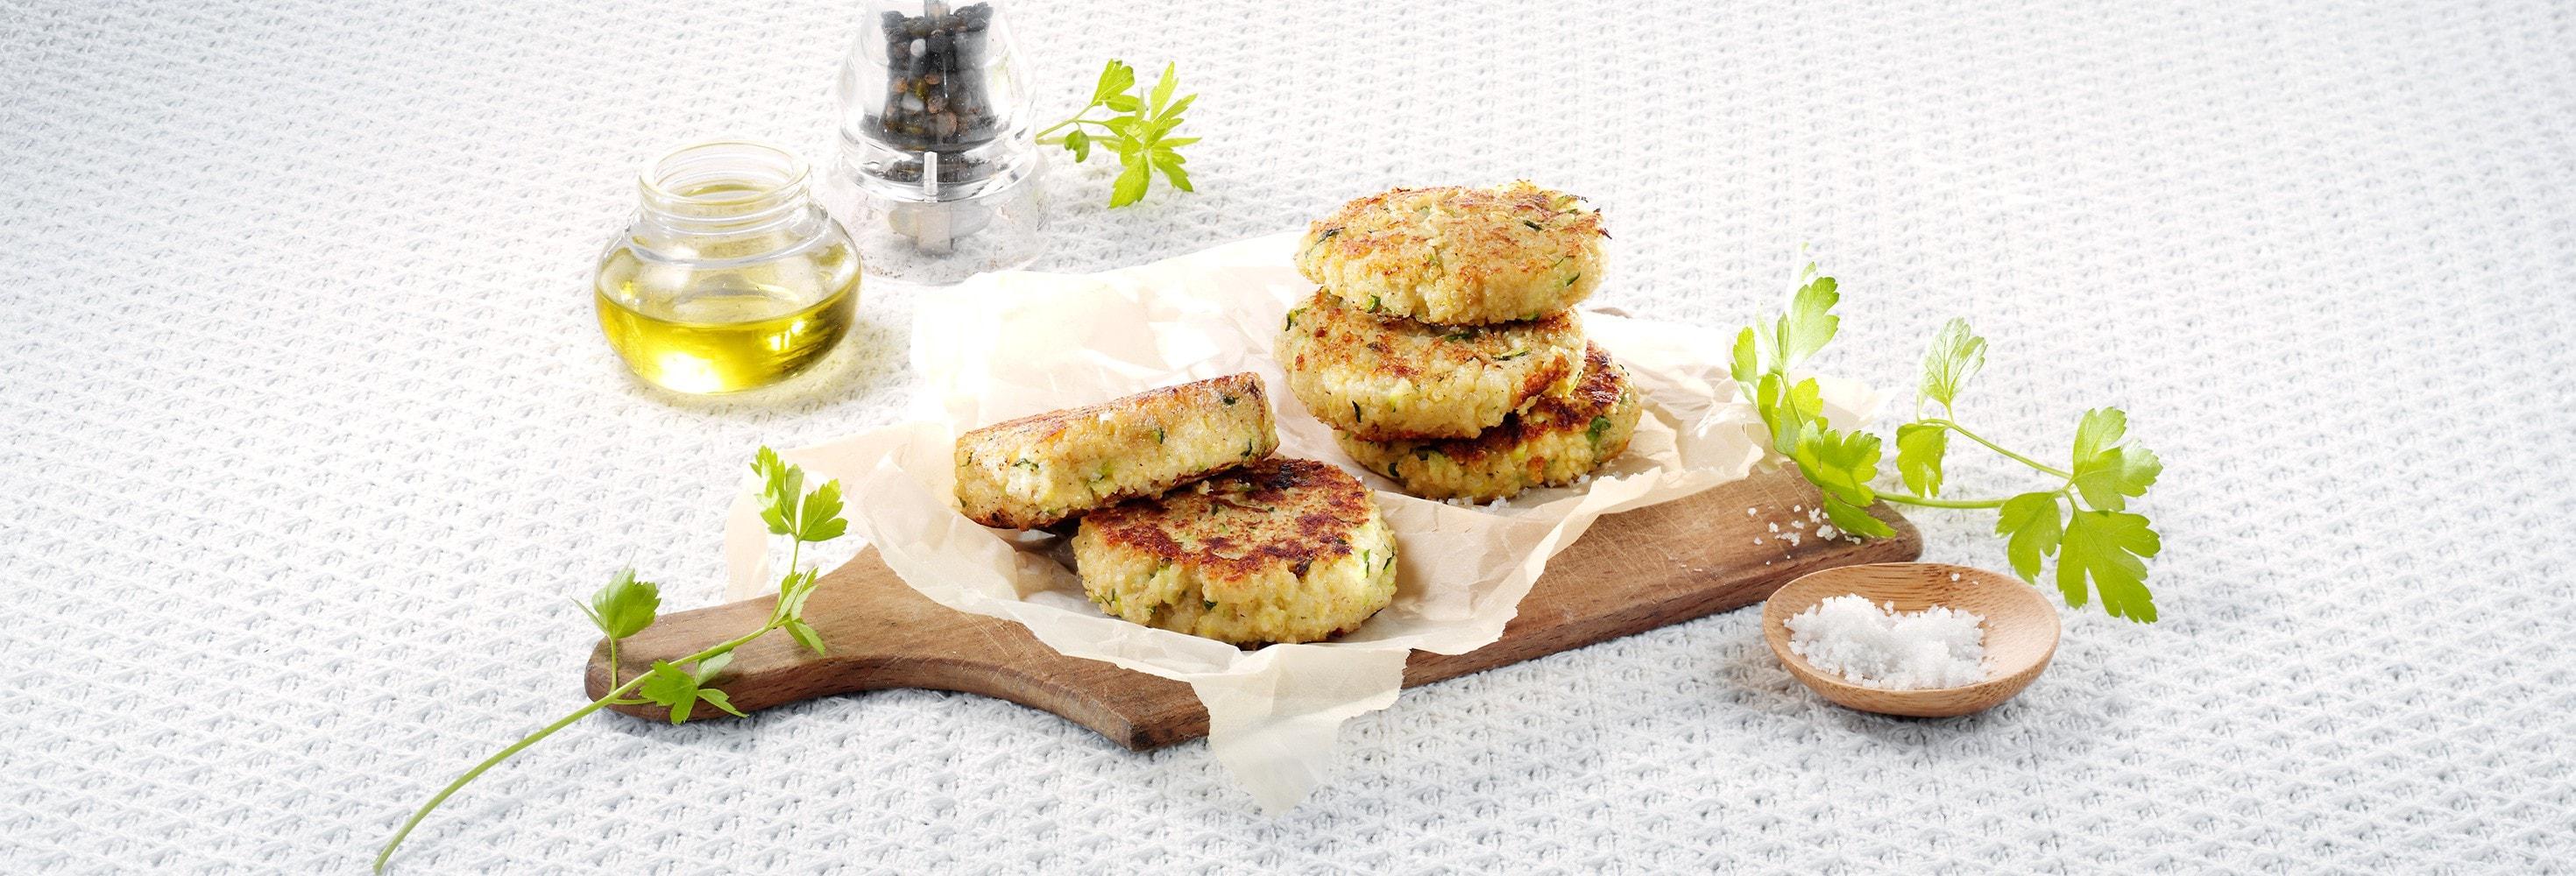 Quinoakoekjes met courgette en plattekaas